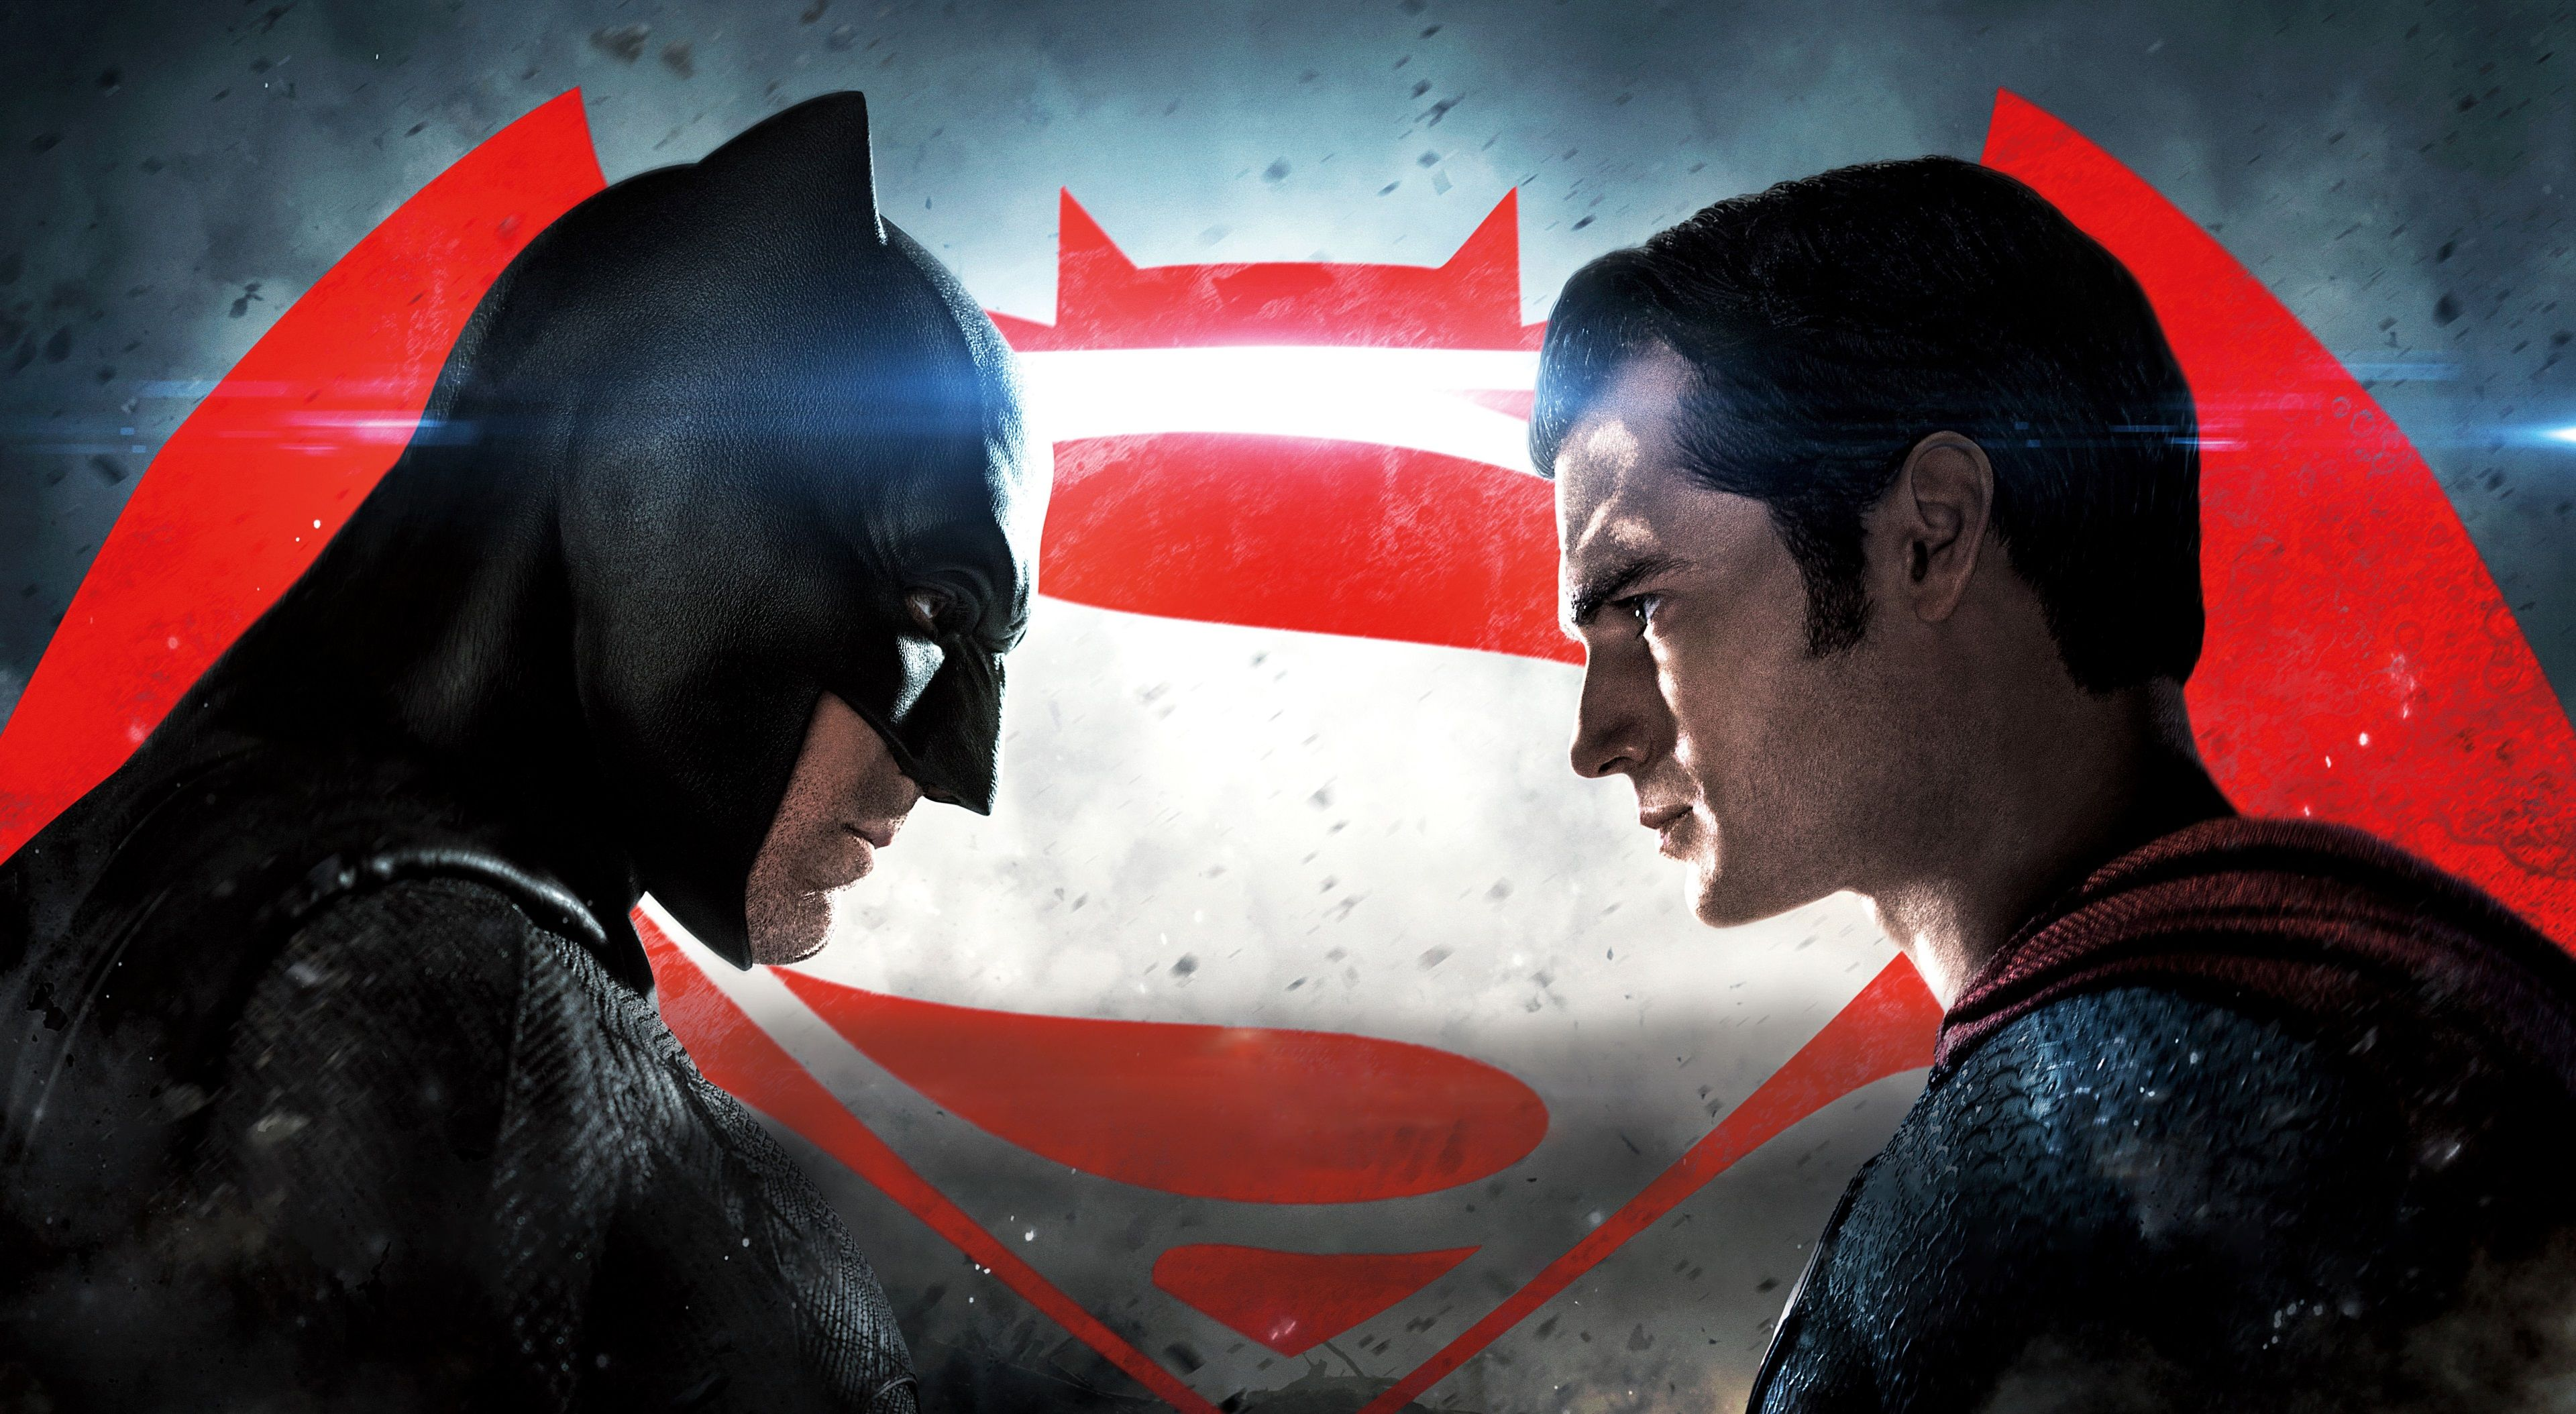 3840x2108 Batman 4k Free Hd Wallpaper Batman V Superman Dawn Of Justice Superman Dawn Of Justice Batman Vs Superman